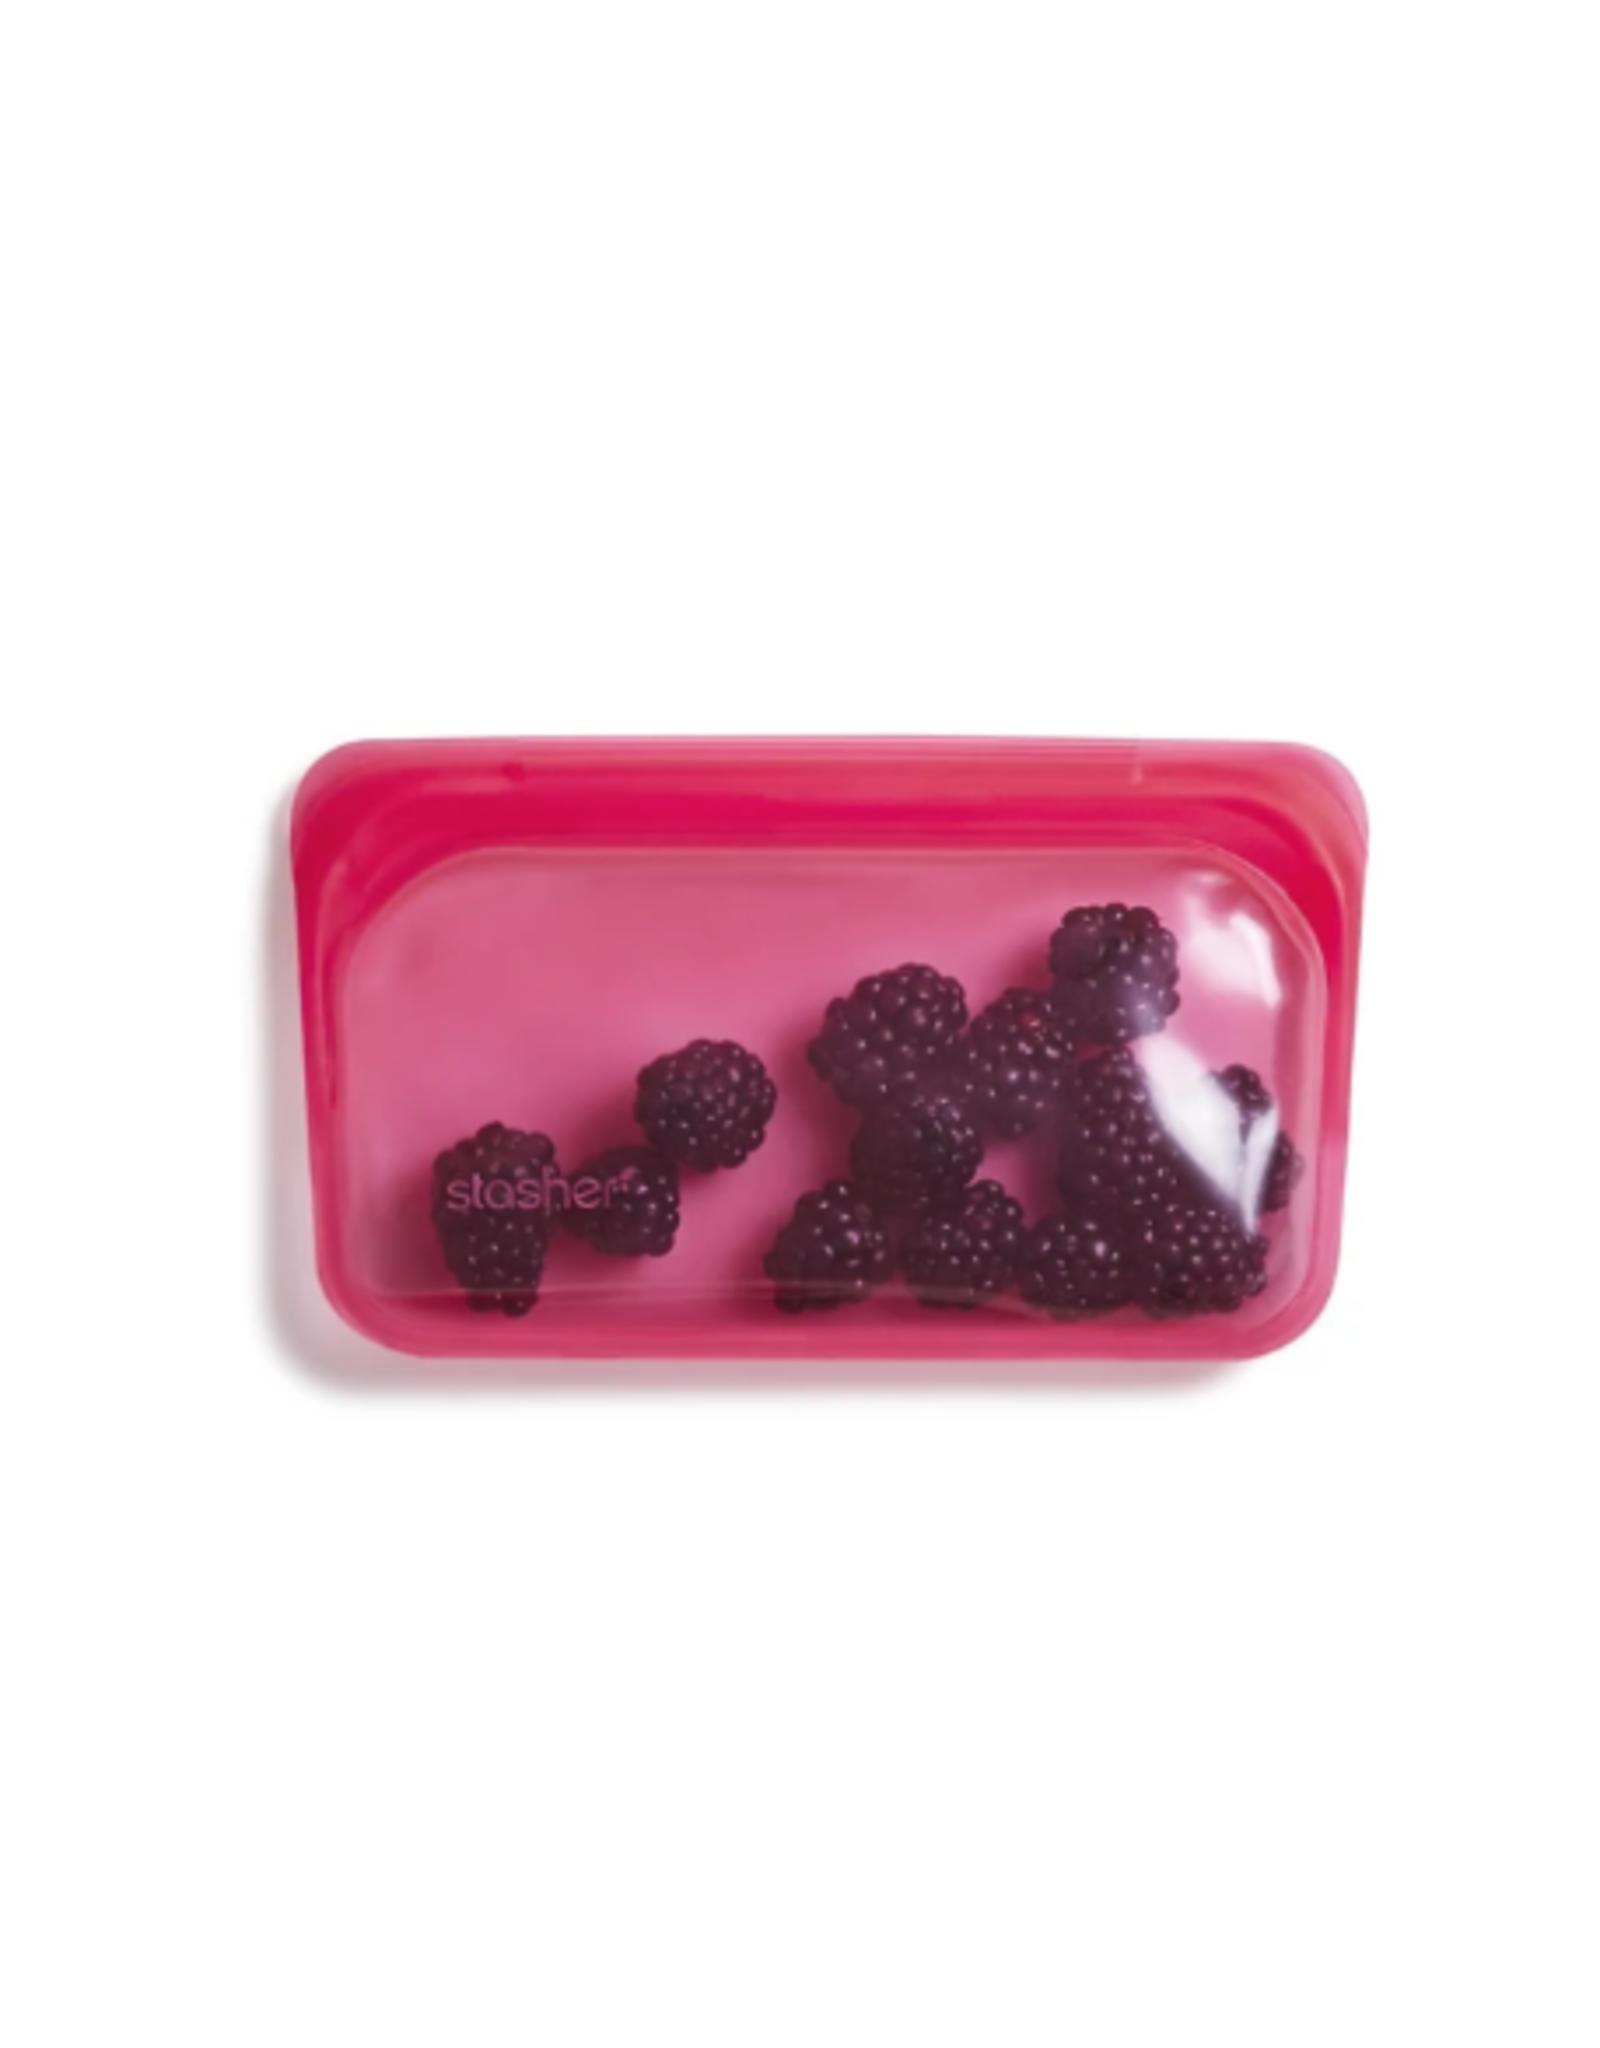 Stasher Stasher Snack, Raspberry